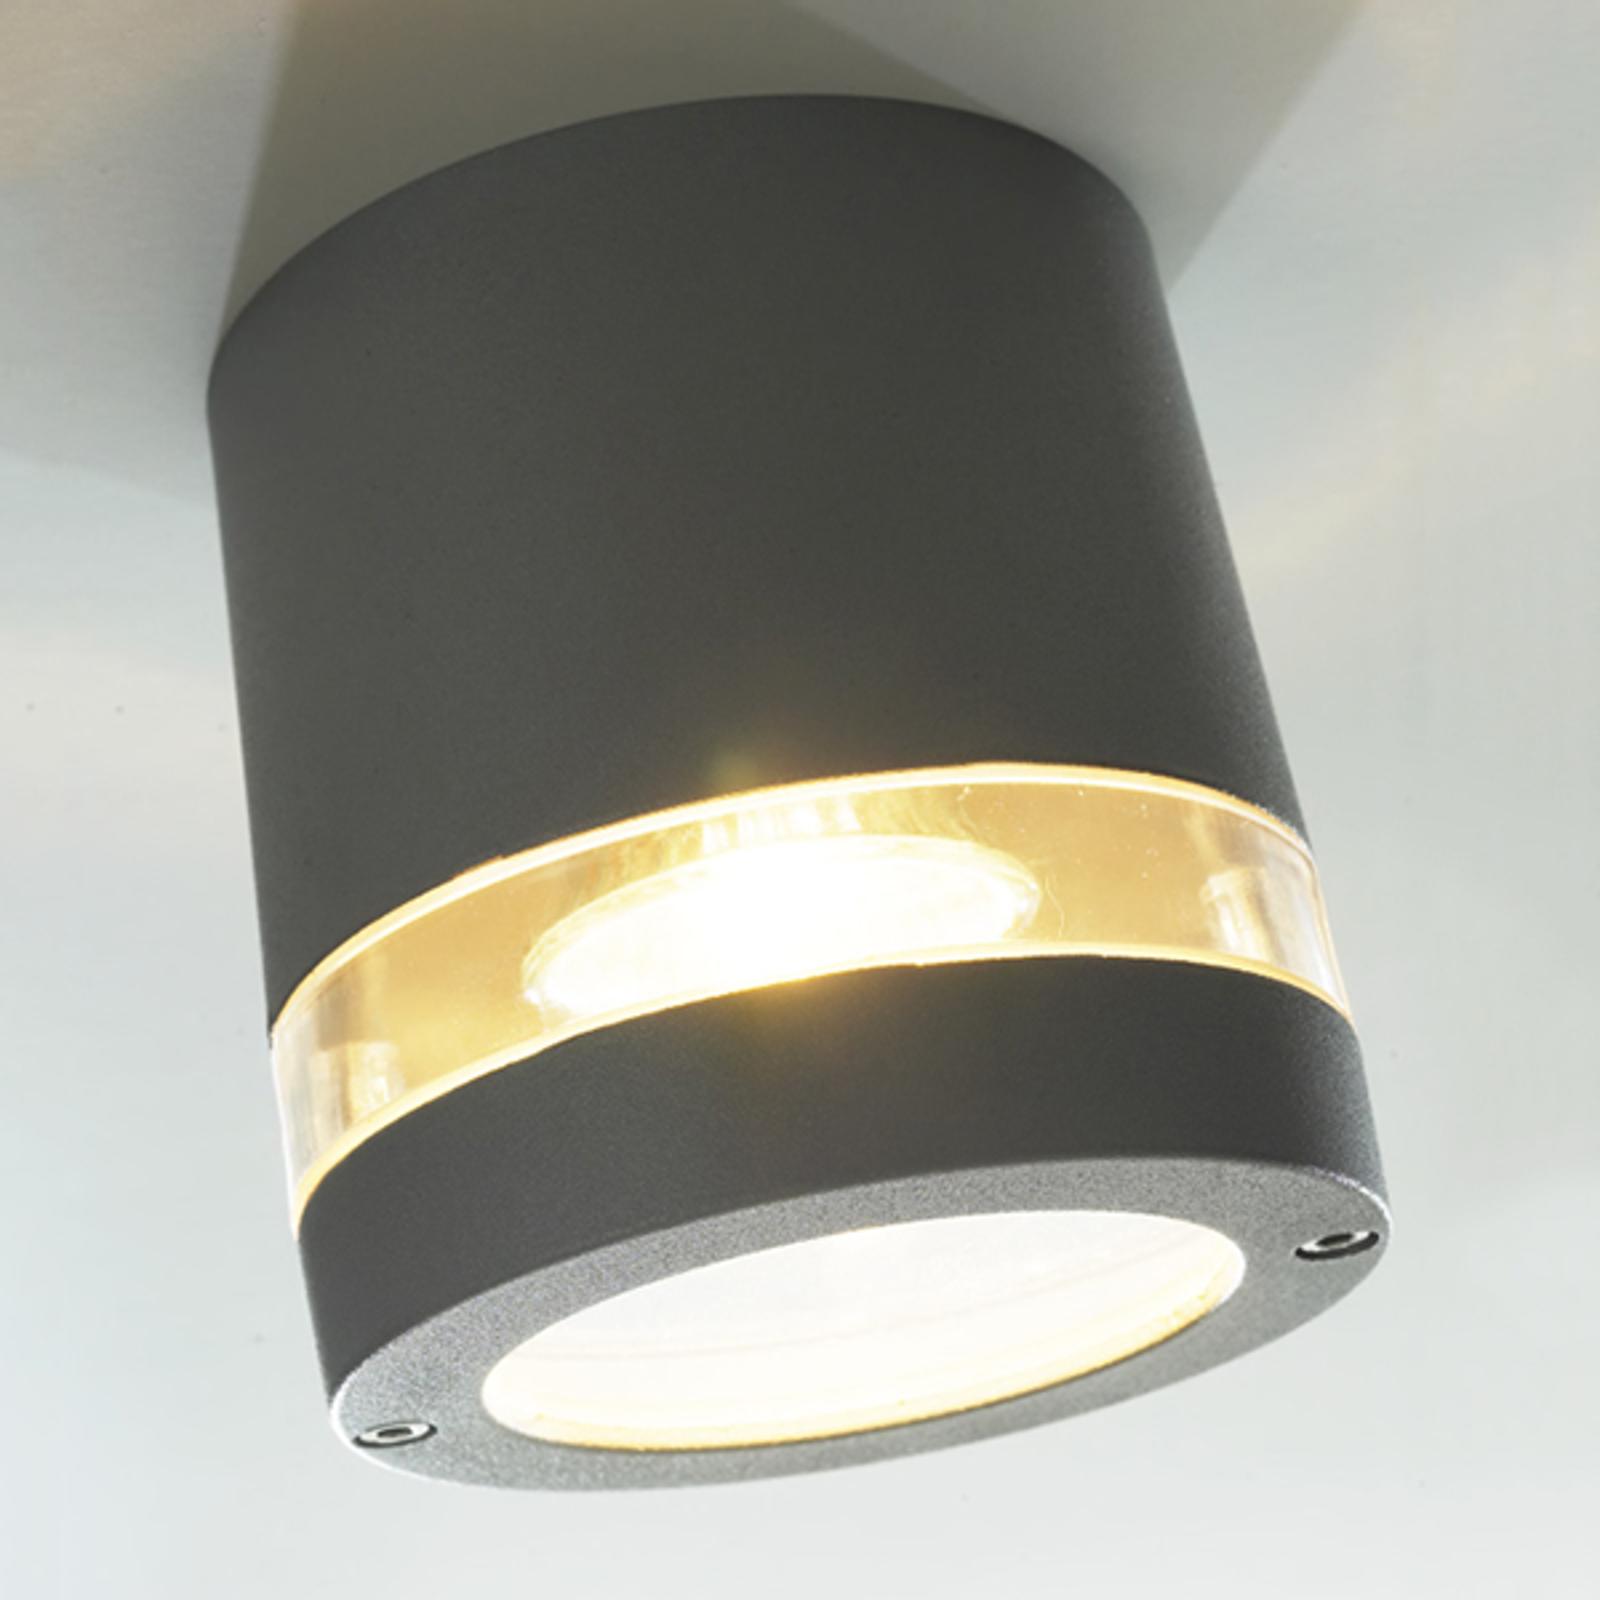 Focus bright exterior ceiling light, anthracite_3006024_1